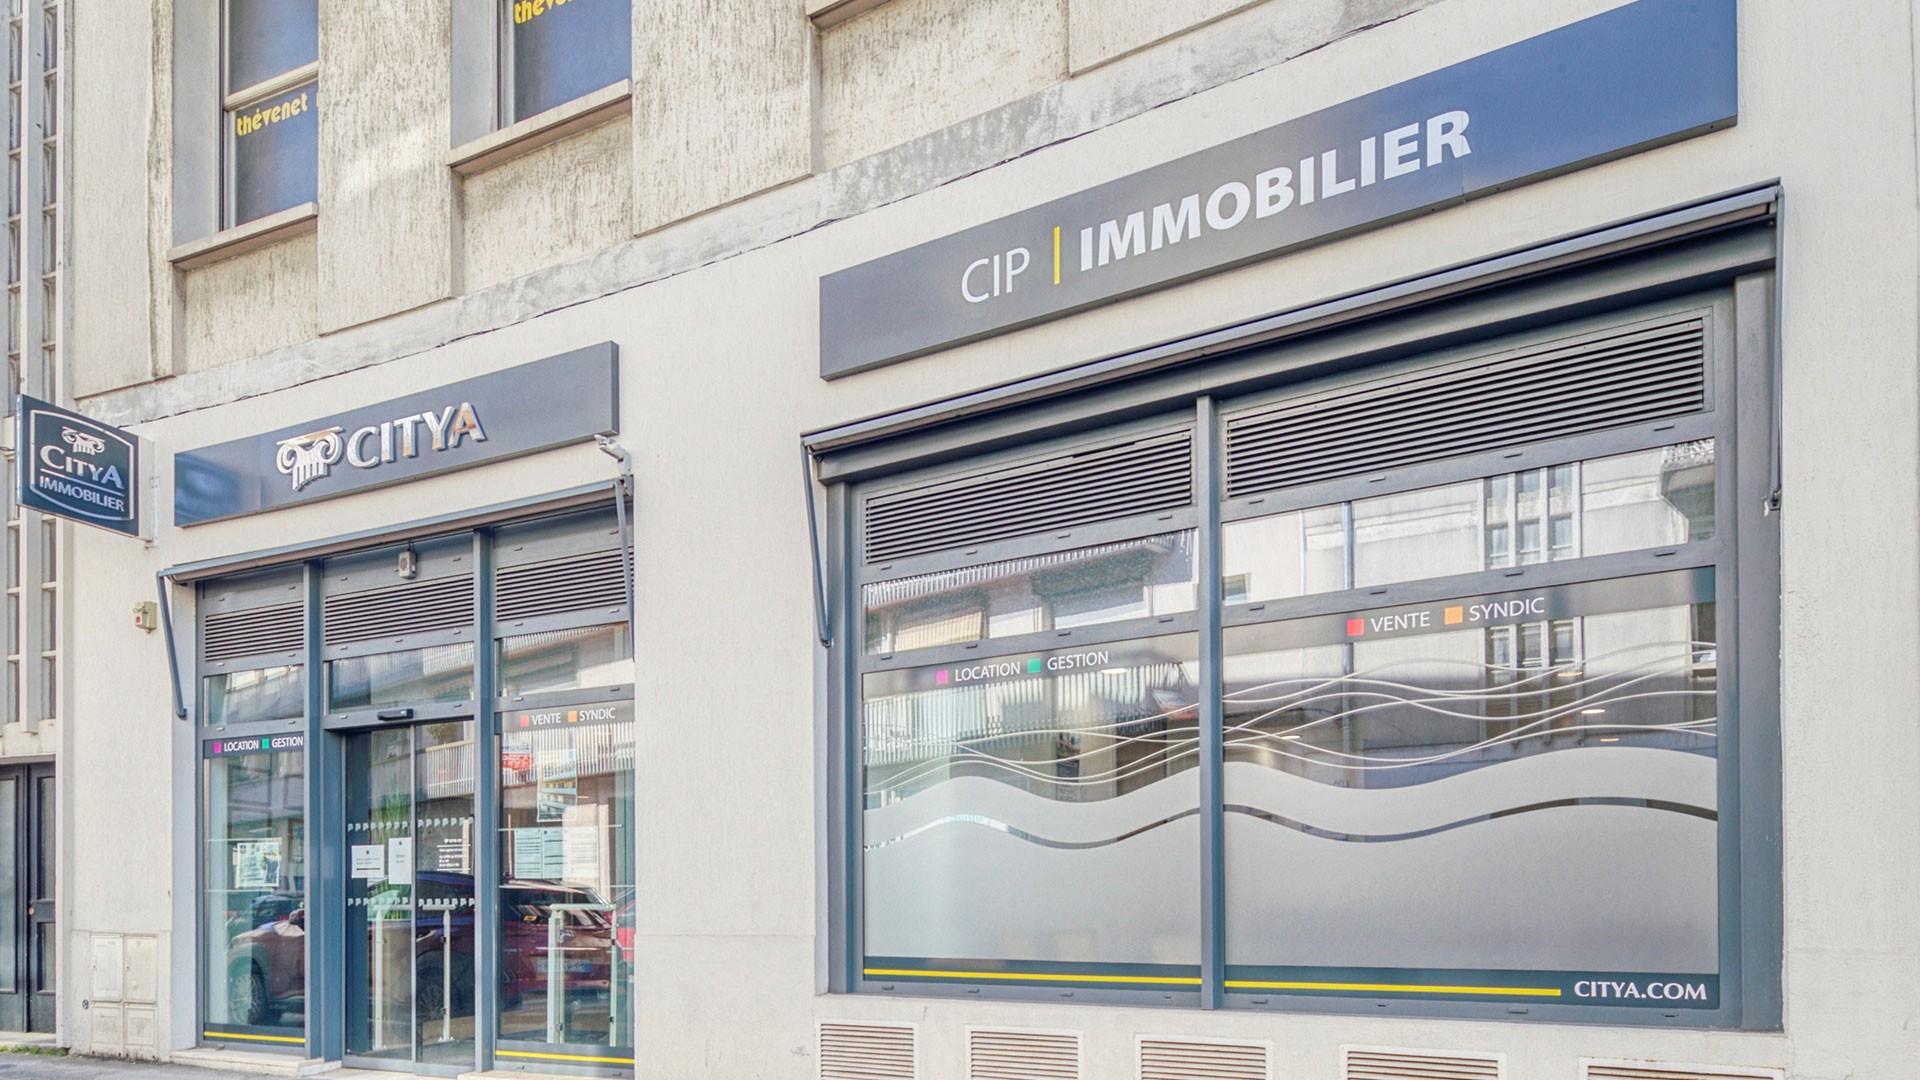 Agence immo Citya CIP